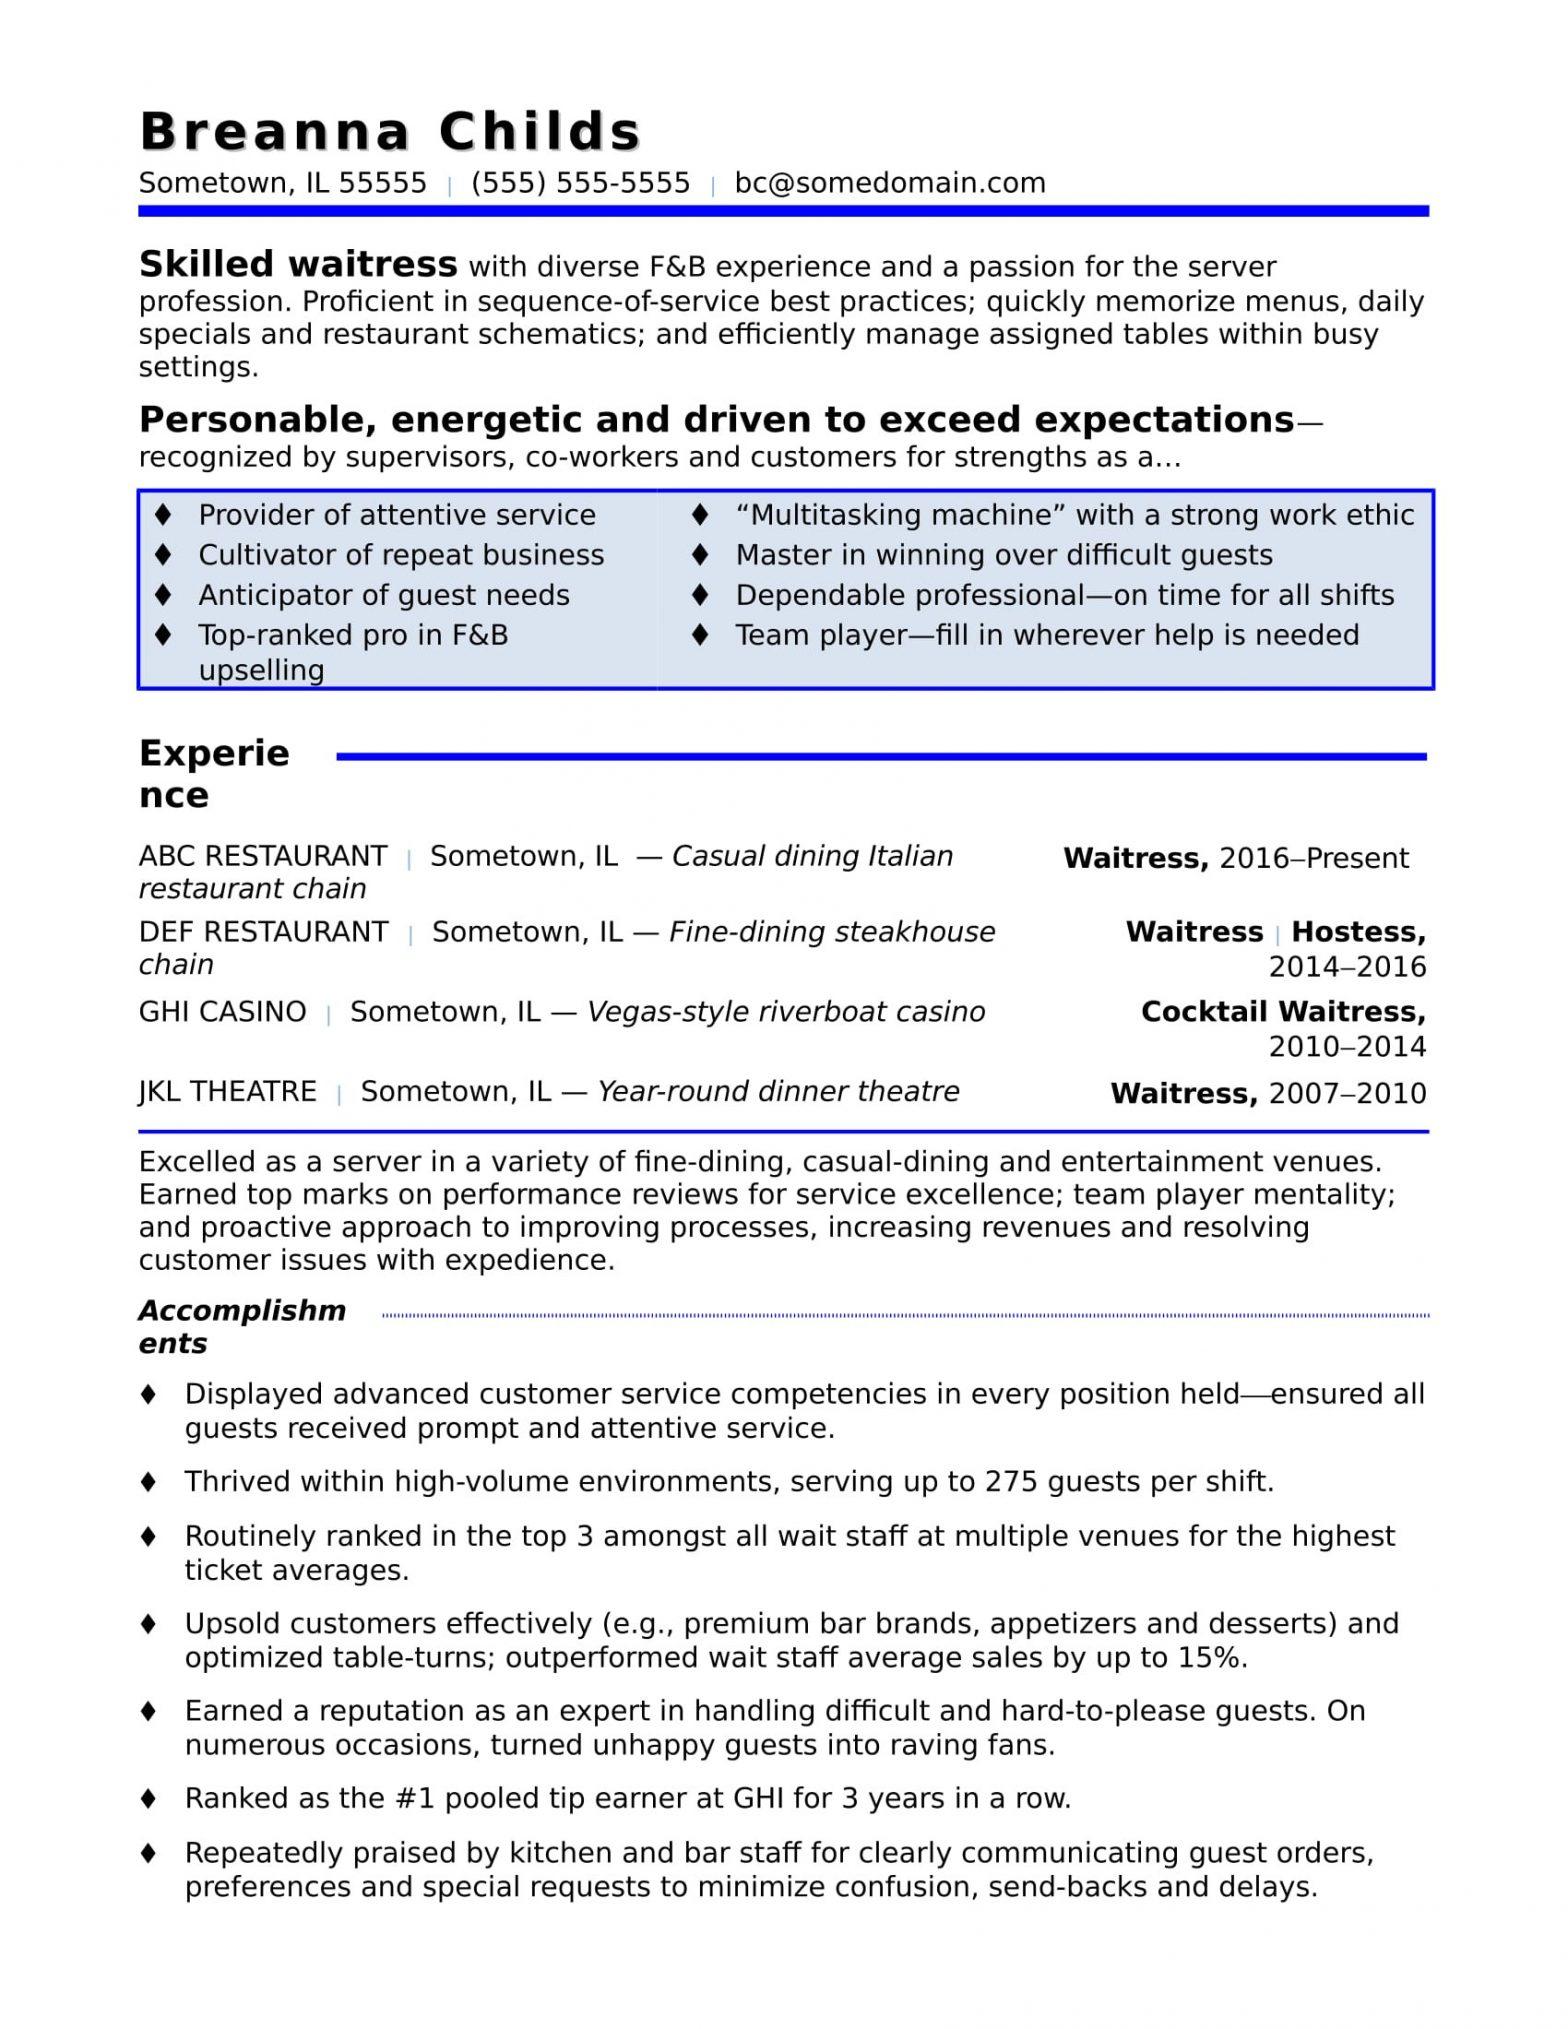 Sample Of Resume for Waitress Position Waitress Resume Sample Monster.com